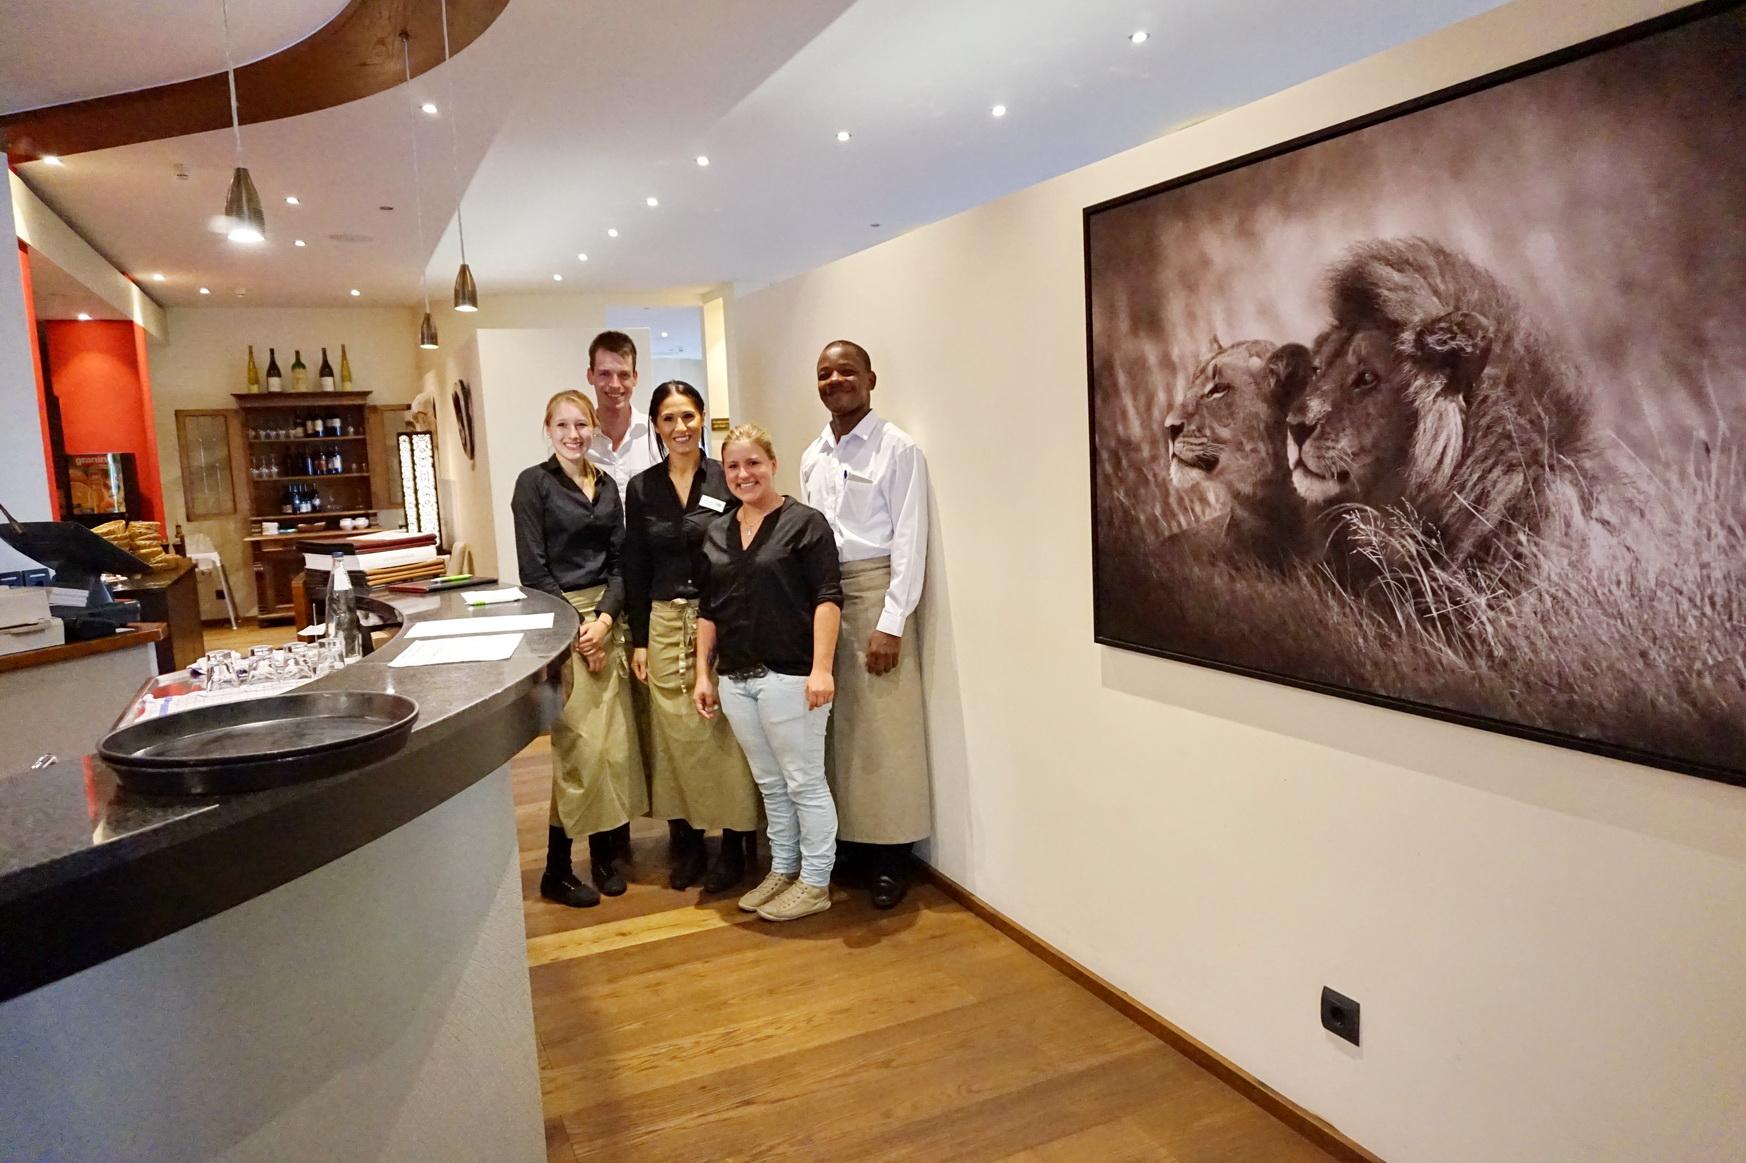 Restaurant-Team im Sunderland Hotel in Sundern im Sauerland